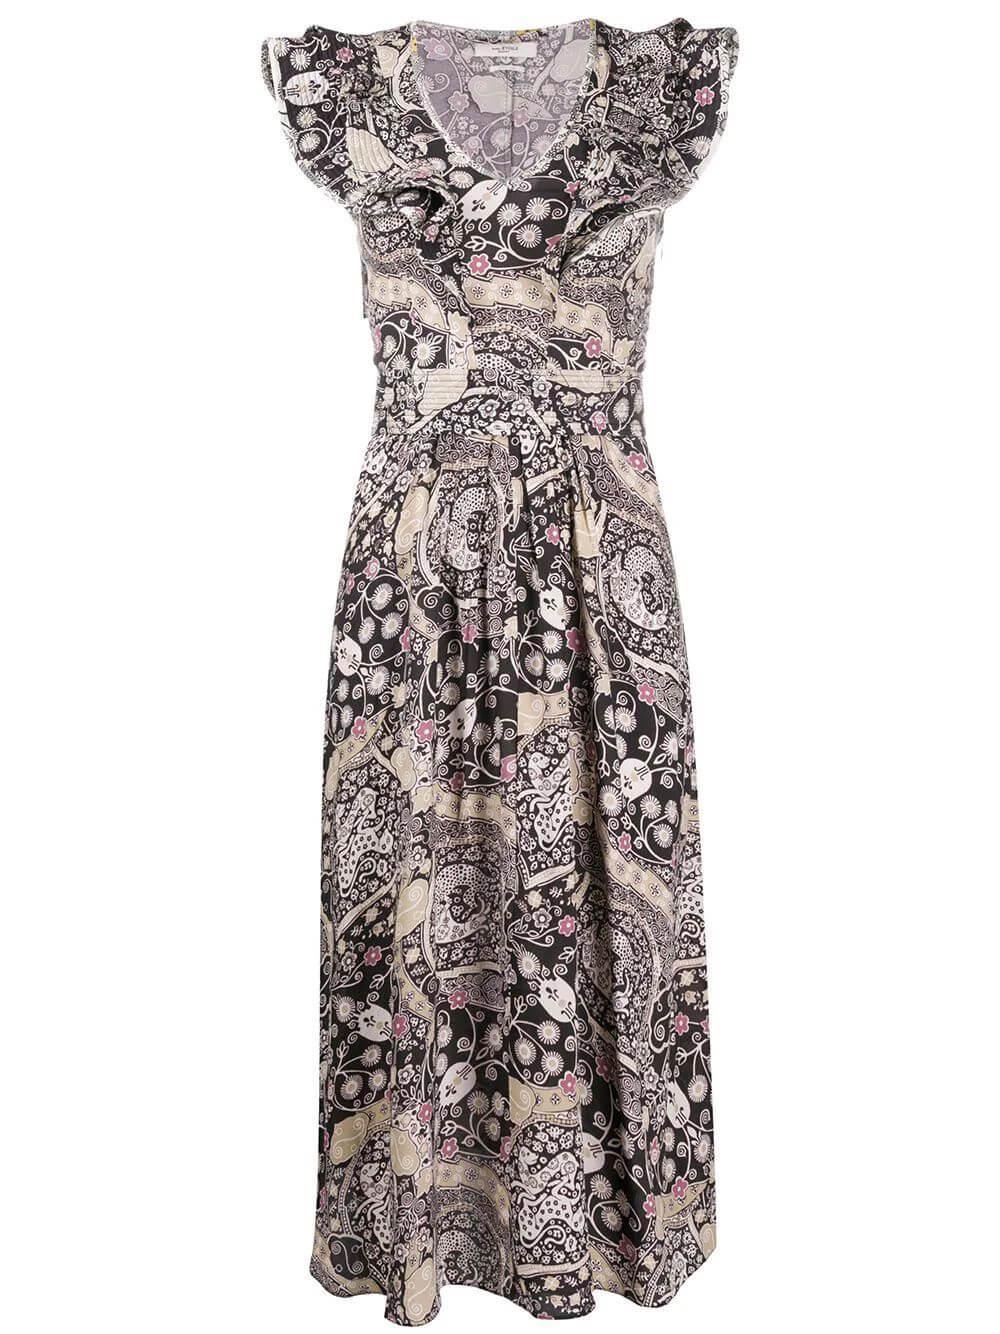 Ruffle Shoulder Printed Midi Dress Item # CORALINE-PRINT